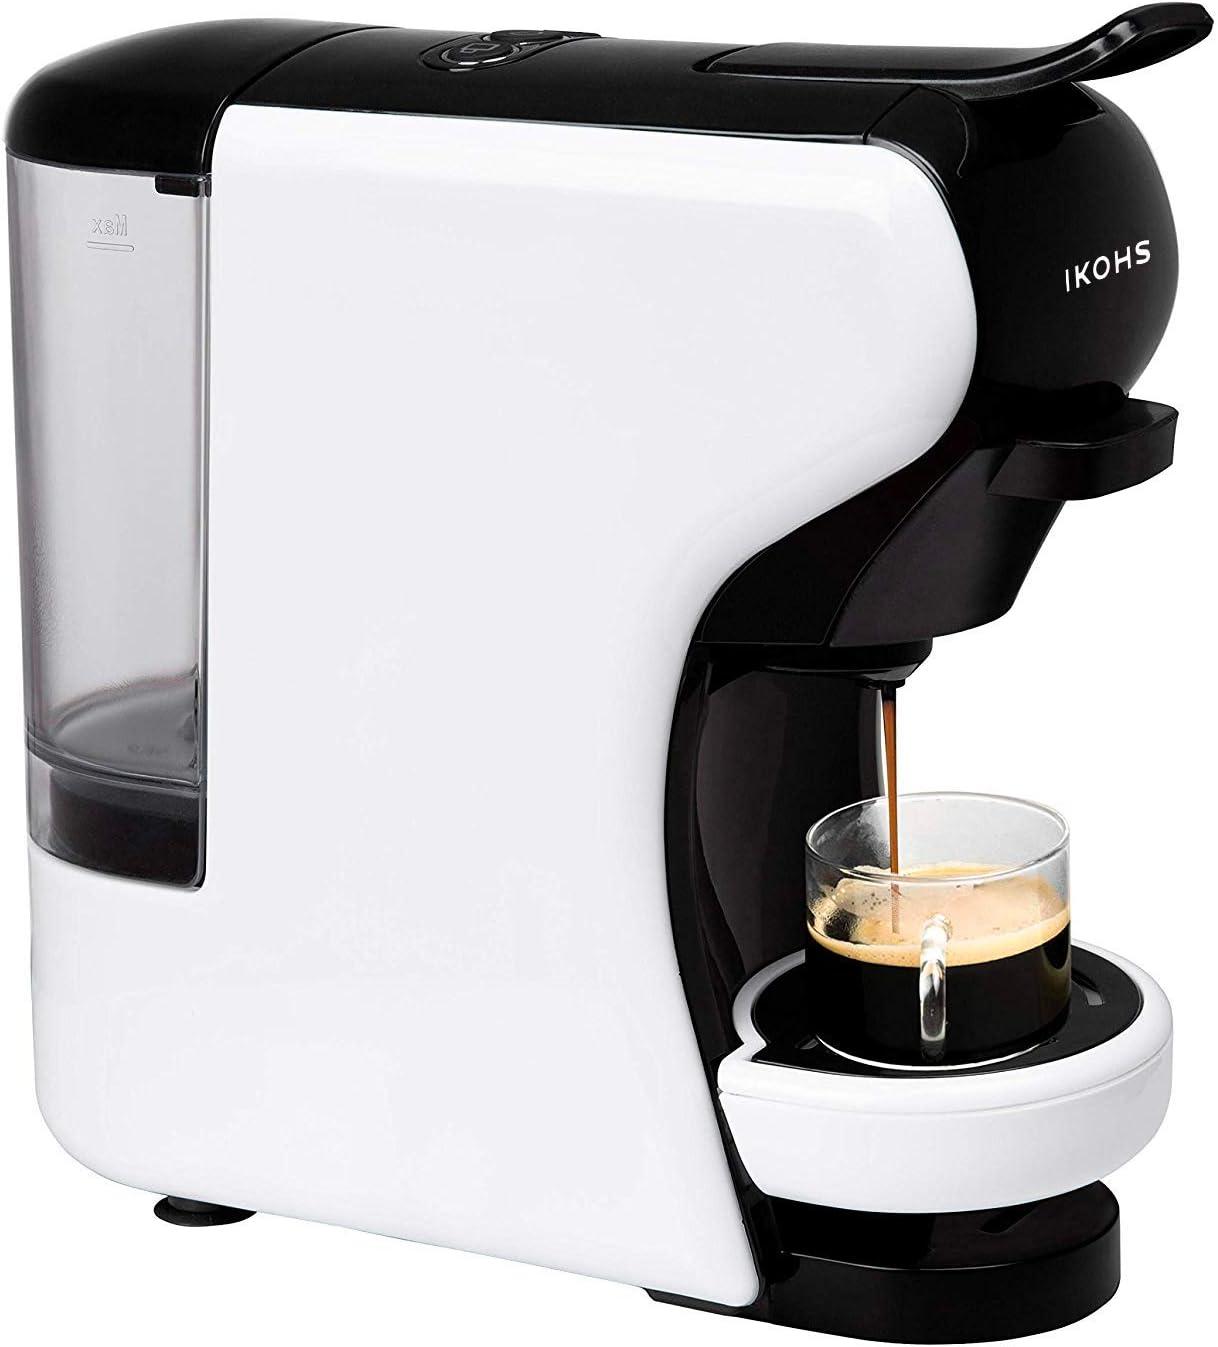 IKOHS Máquina de Café Espresso Italiano - Cafetera Multi Cápsulas Compatible Nespresso 3 en 1, 19 Bares con 2 Programas de Café, deposito extraíble, 0,6 L, Compacto, 1450 W, Apagado automático Blanco